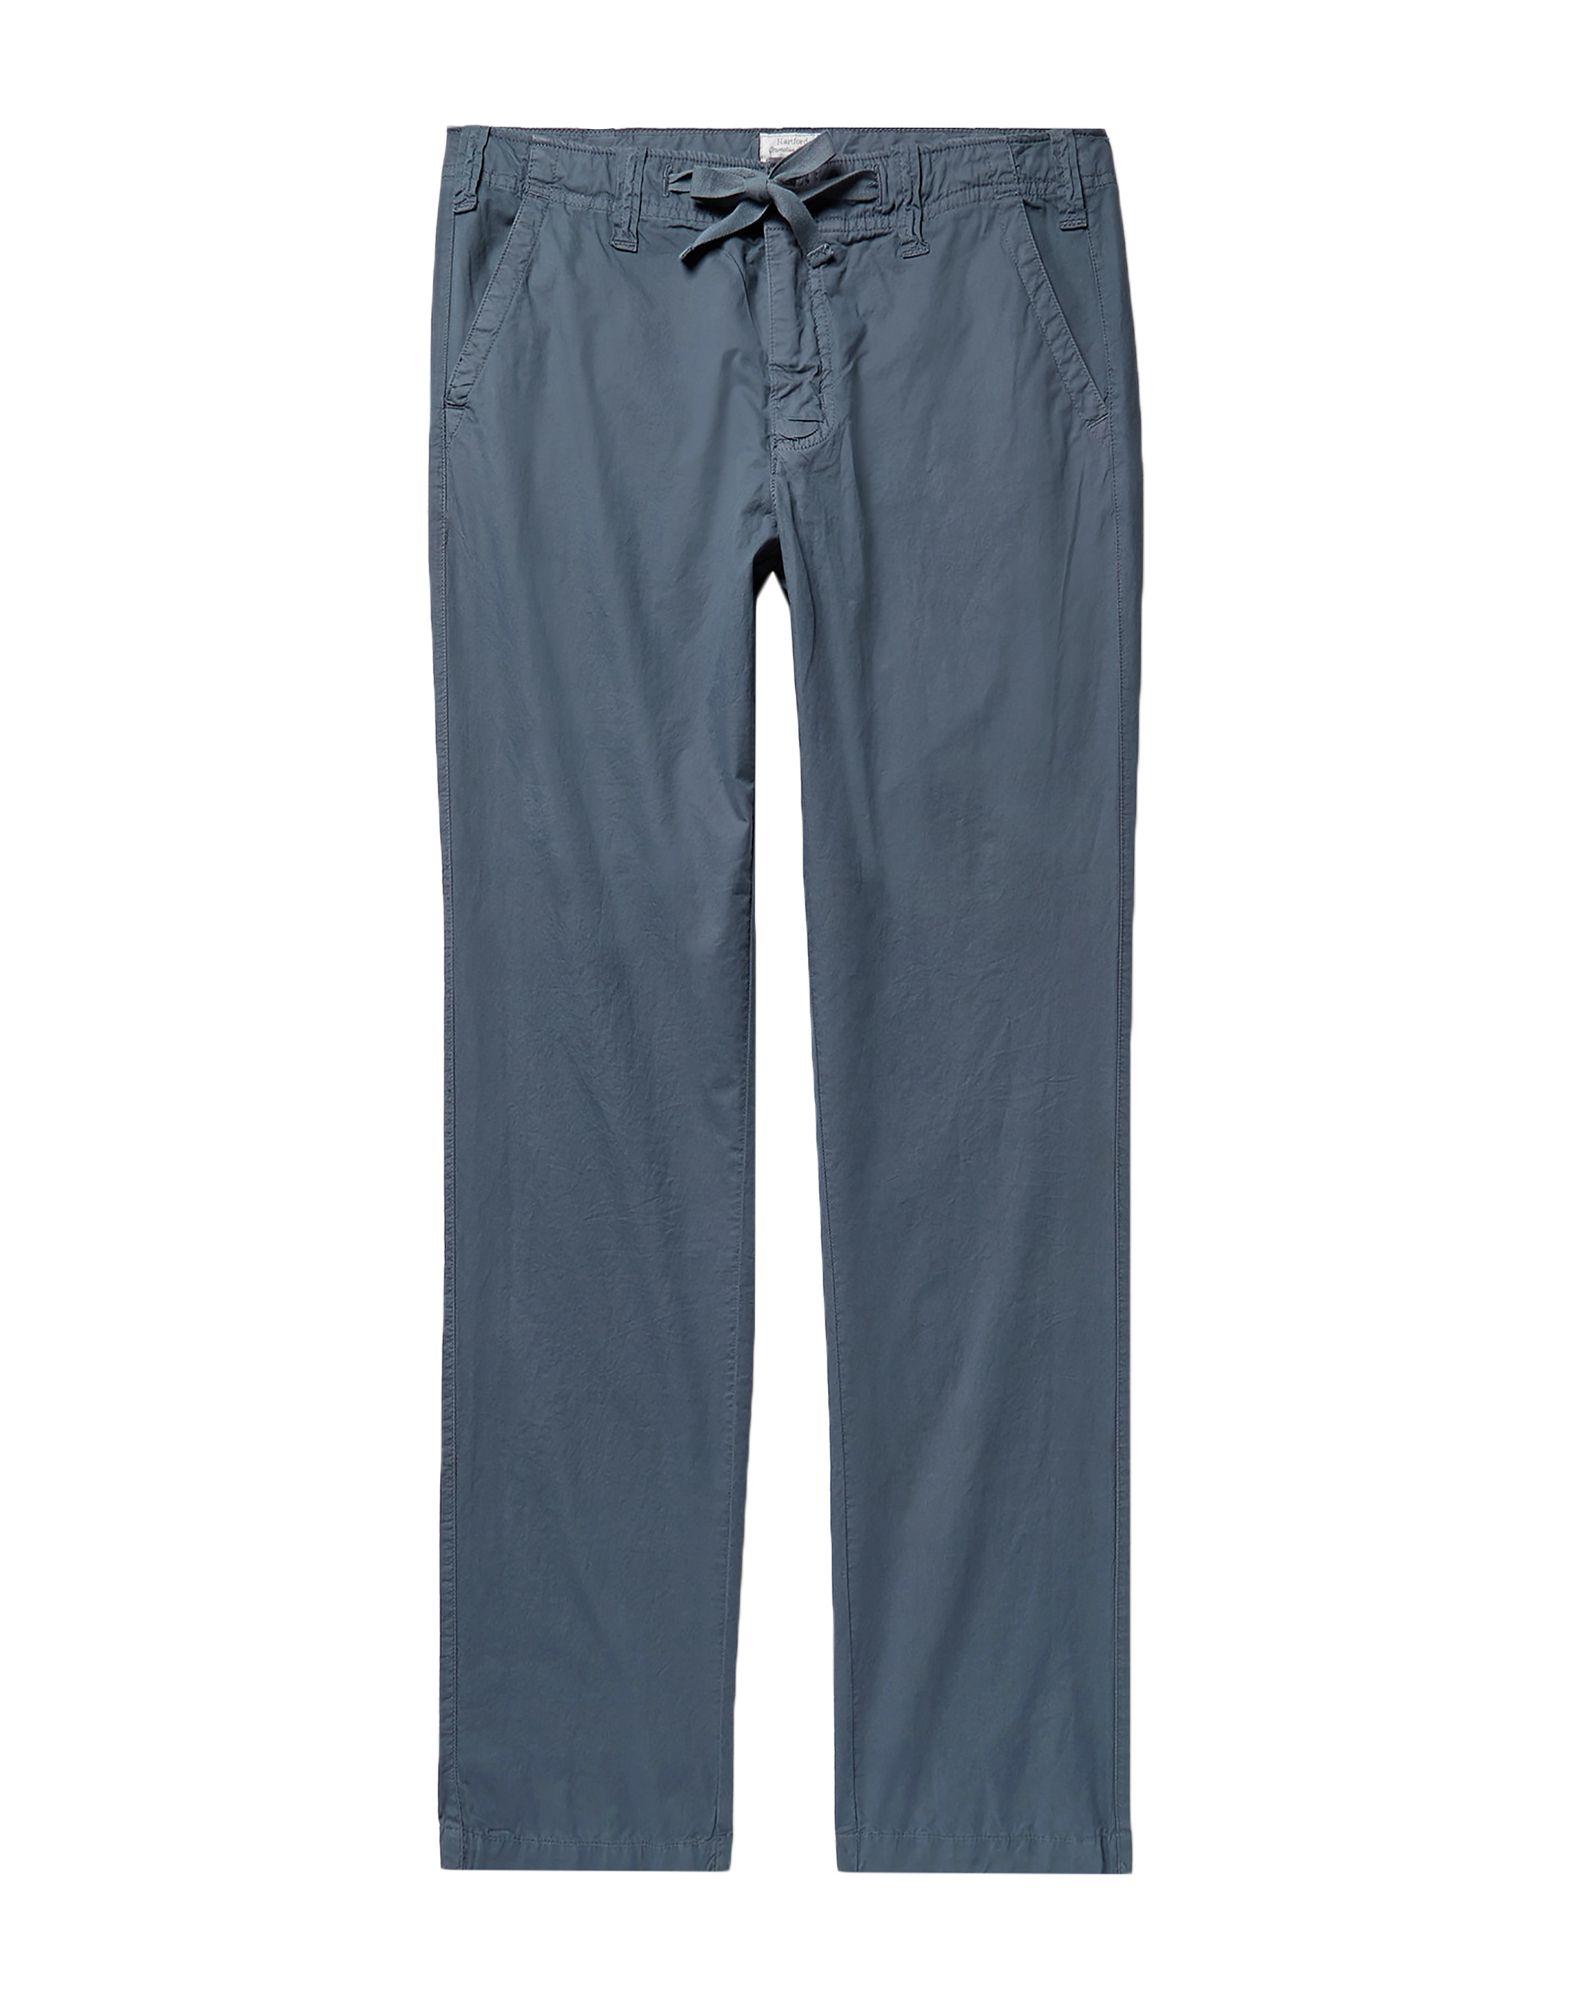 《セール開催中》HARTFORD メンズ パンツ ブルーグレー 46 コットン 100%